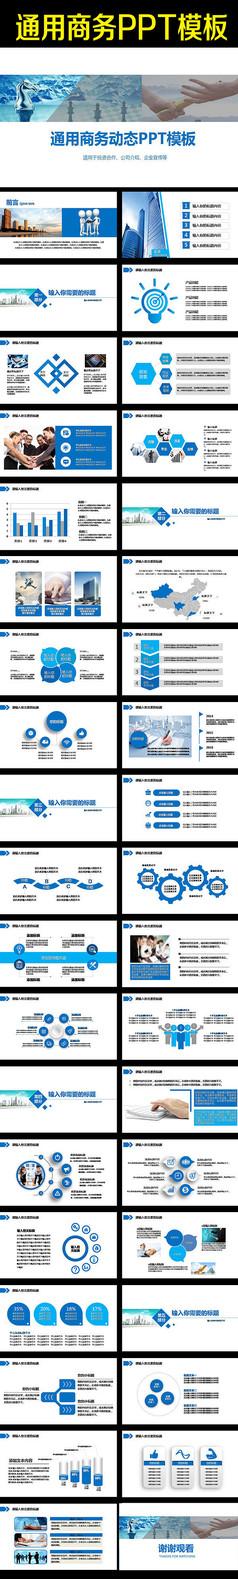 蓝色宽屏商务PPT模板下载